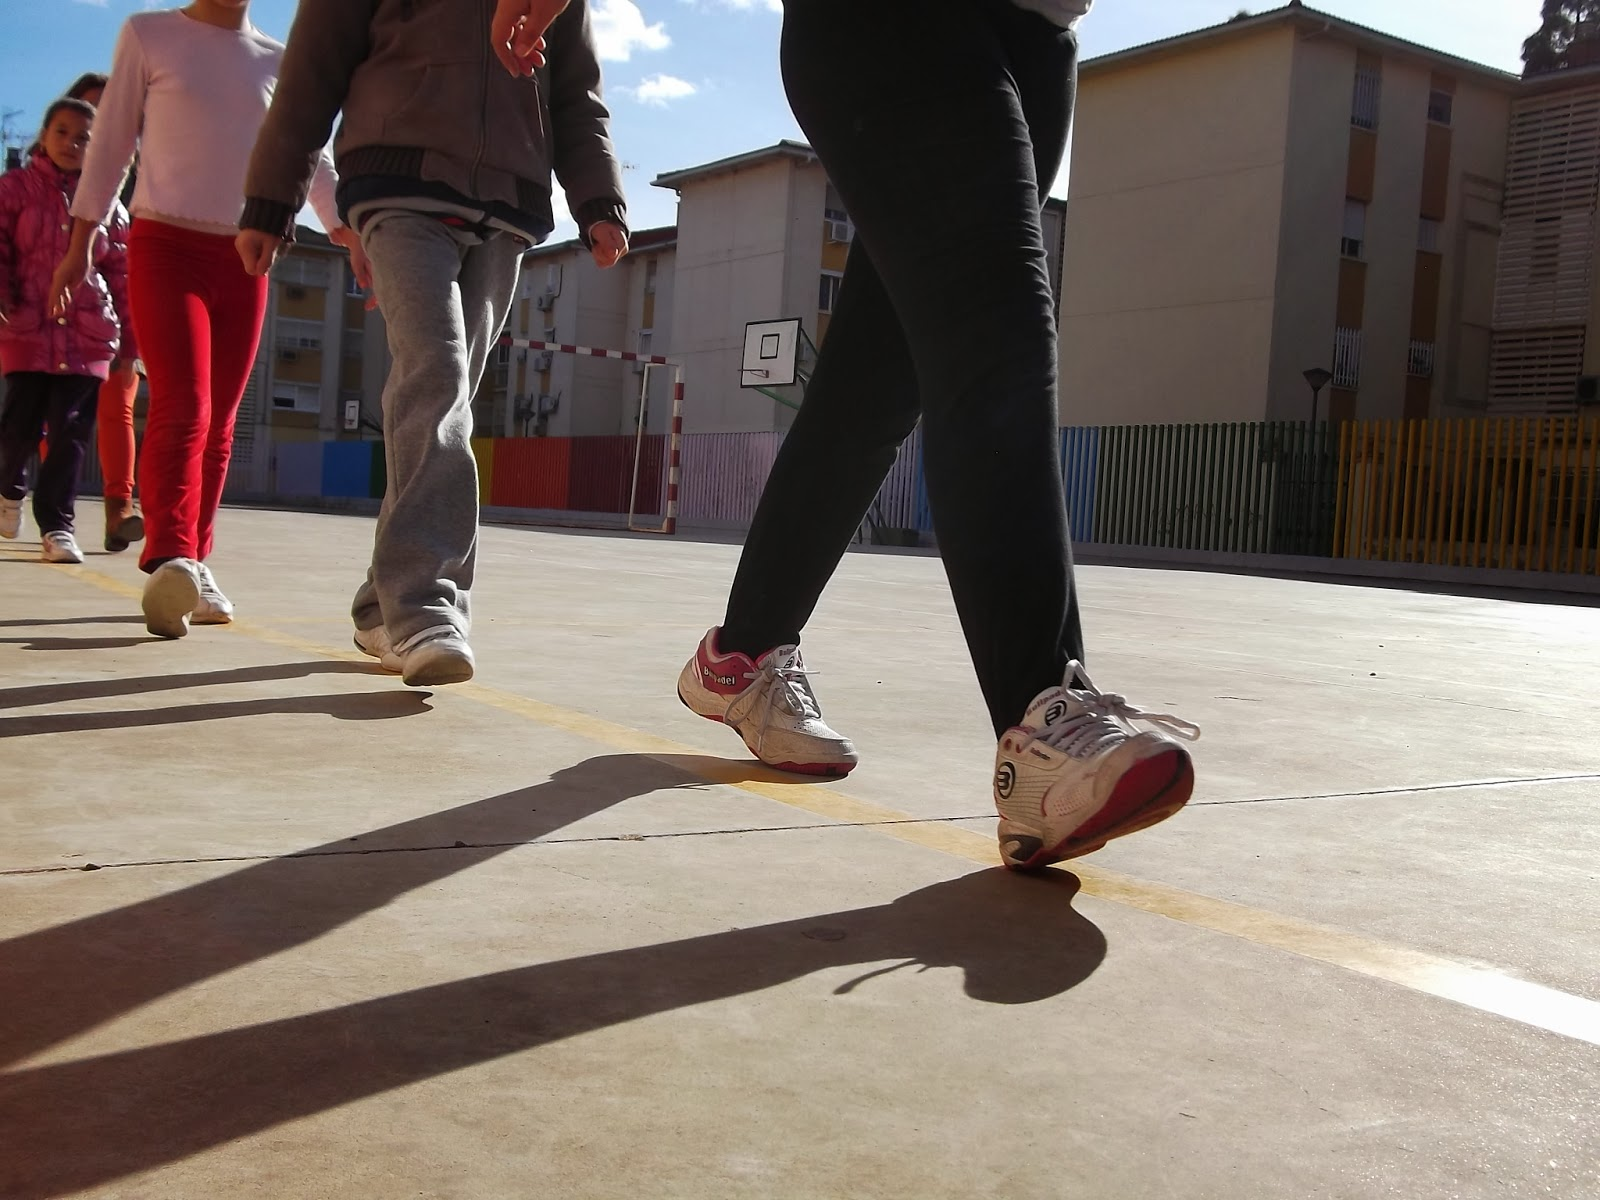 Podemos destacar el proyecto el pol gono sur da la vuelta a andaluc a donde entre los siete colegios del barrio y vecin s se ha conseguido sumar pasos y